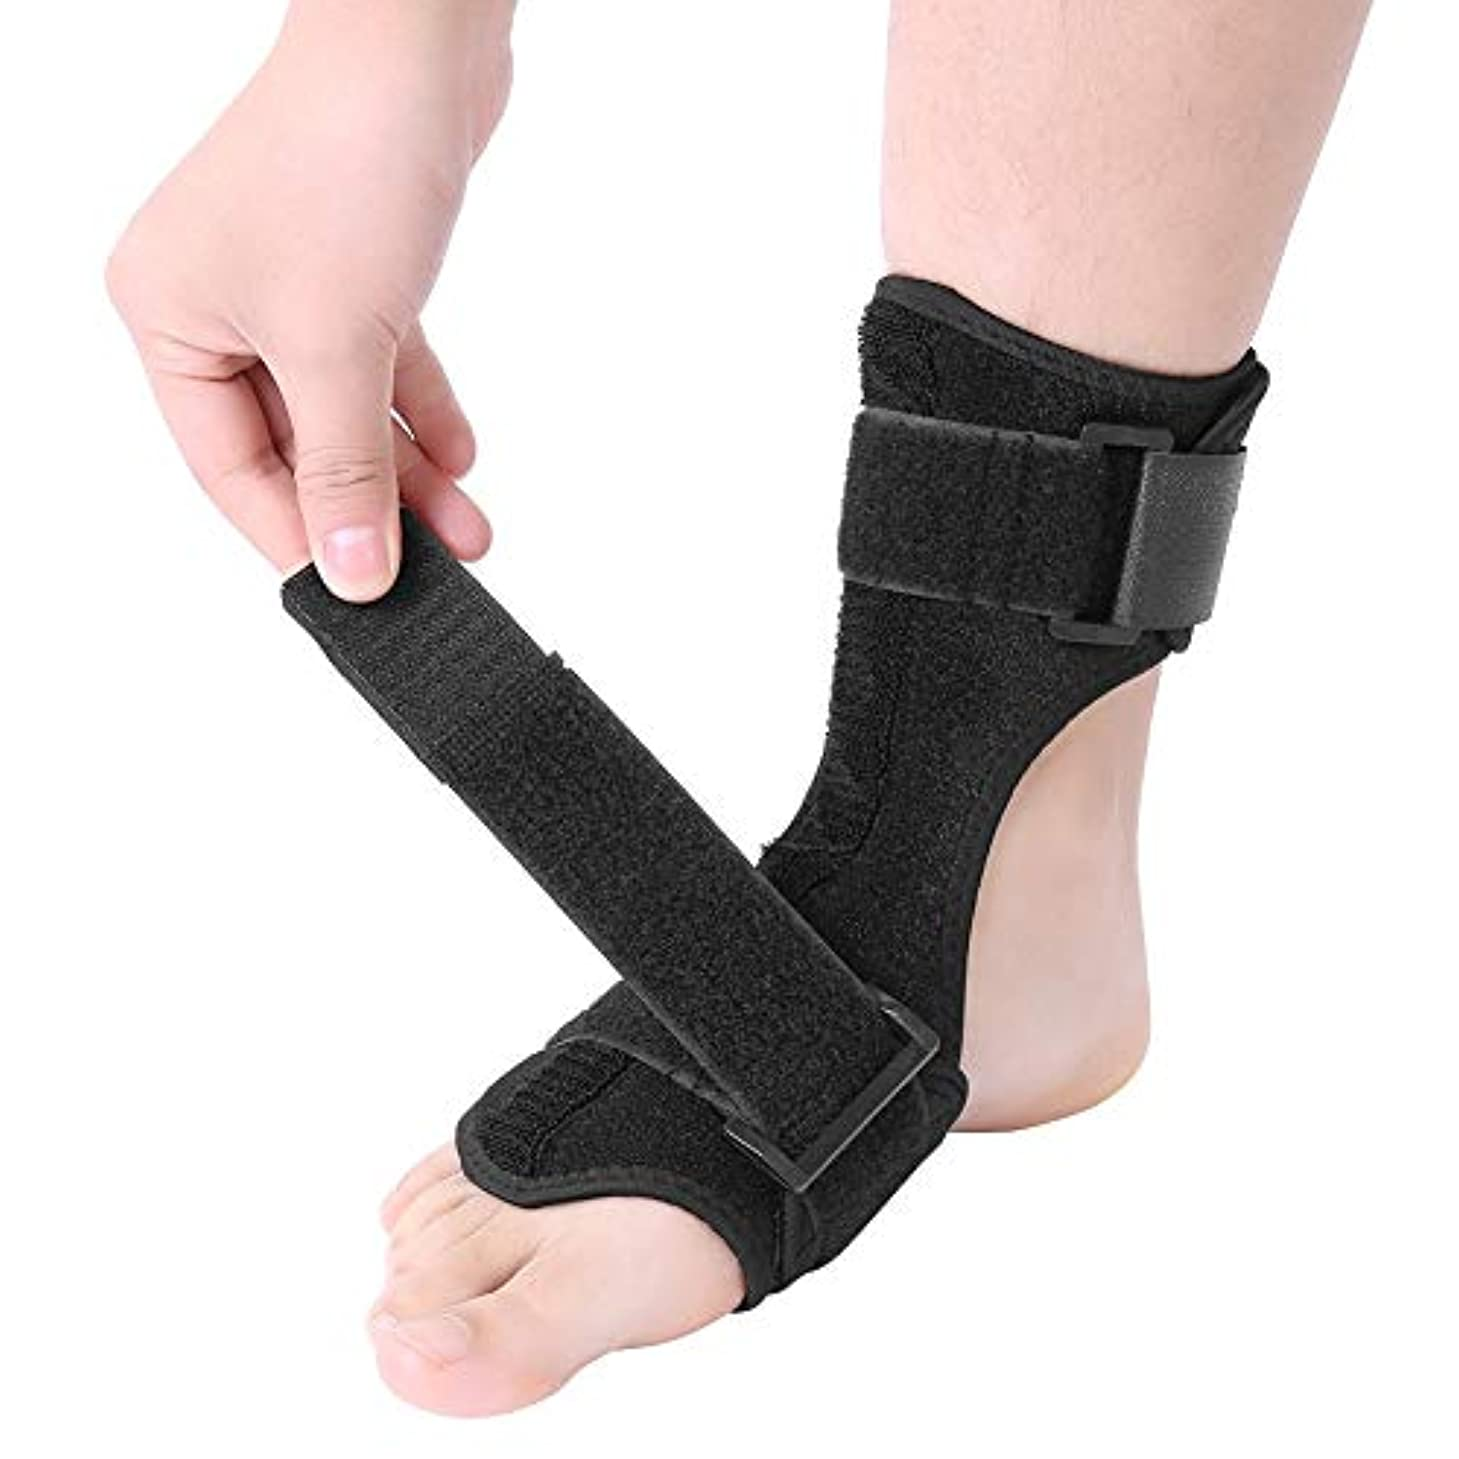 ドレス決して助けになるフットドロップコレクターフットドロップ副木矯正骨折捻挫外傷サポートラップ足首ブレース